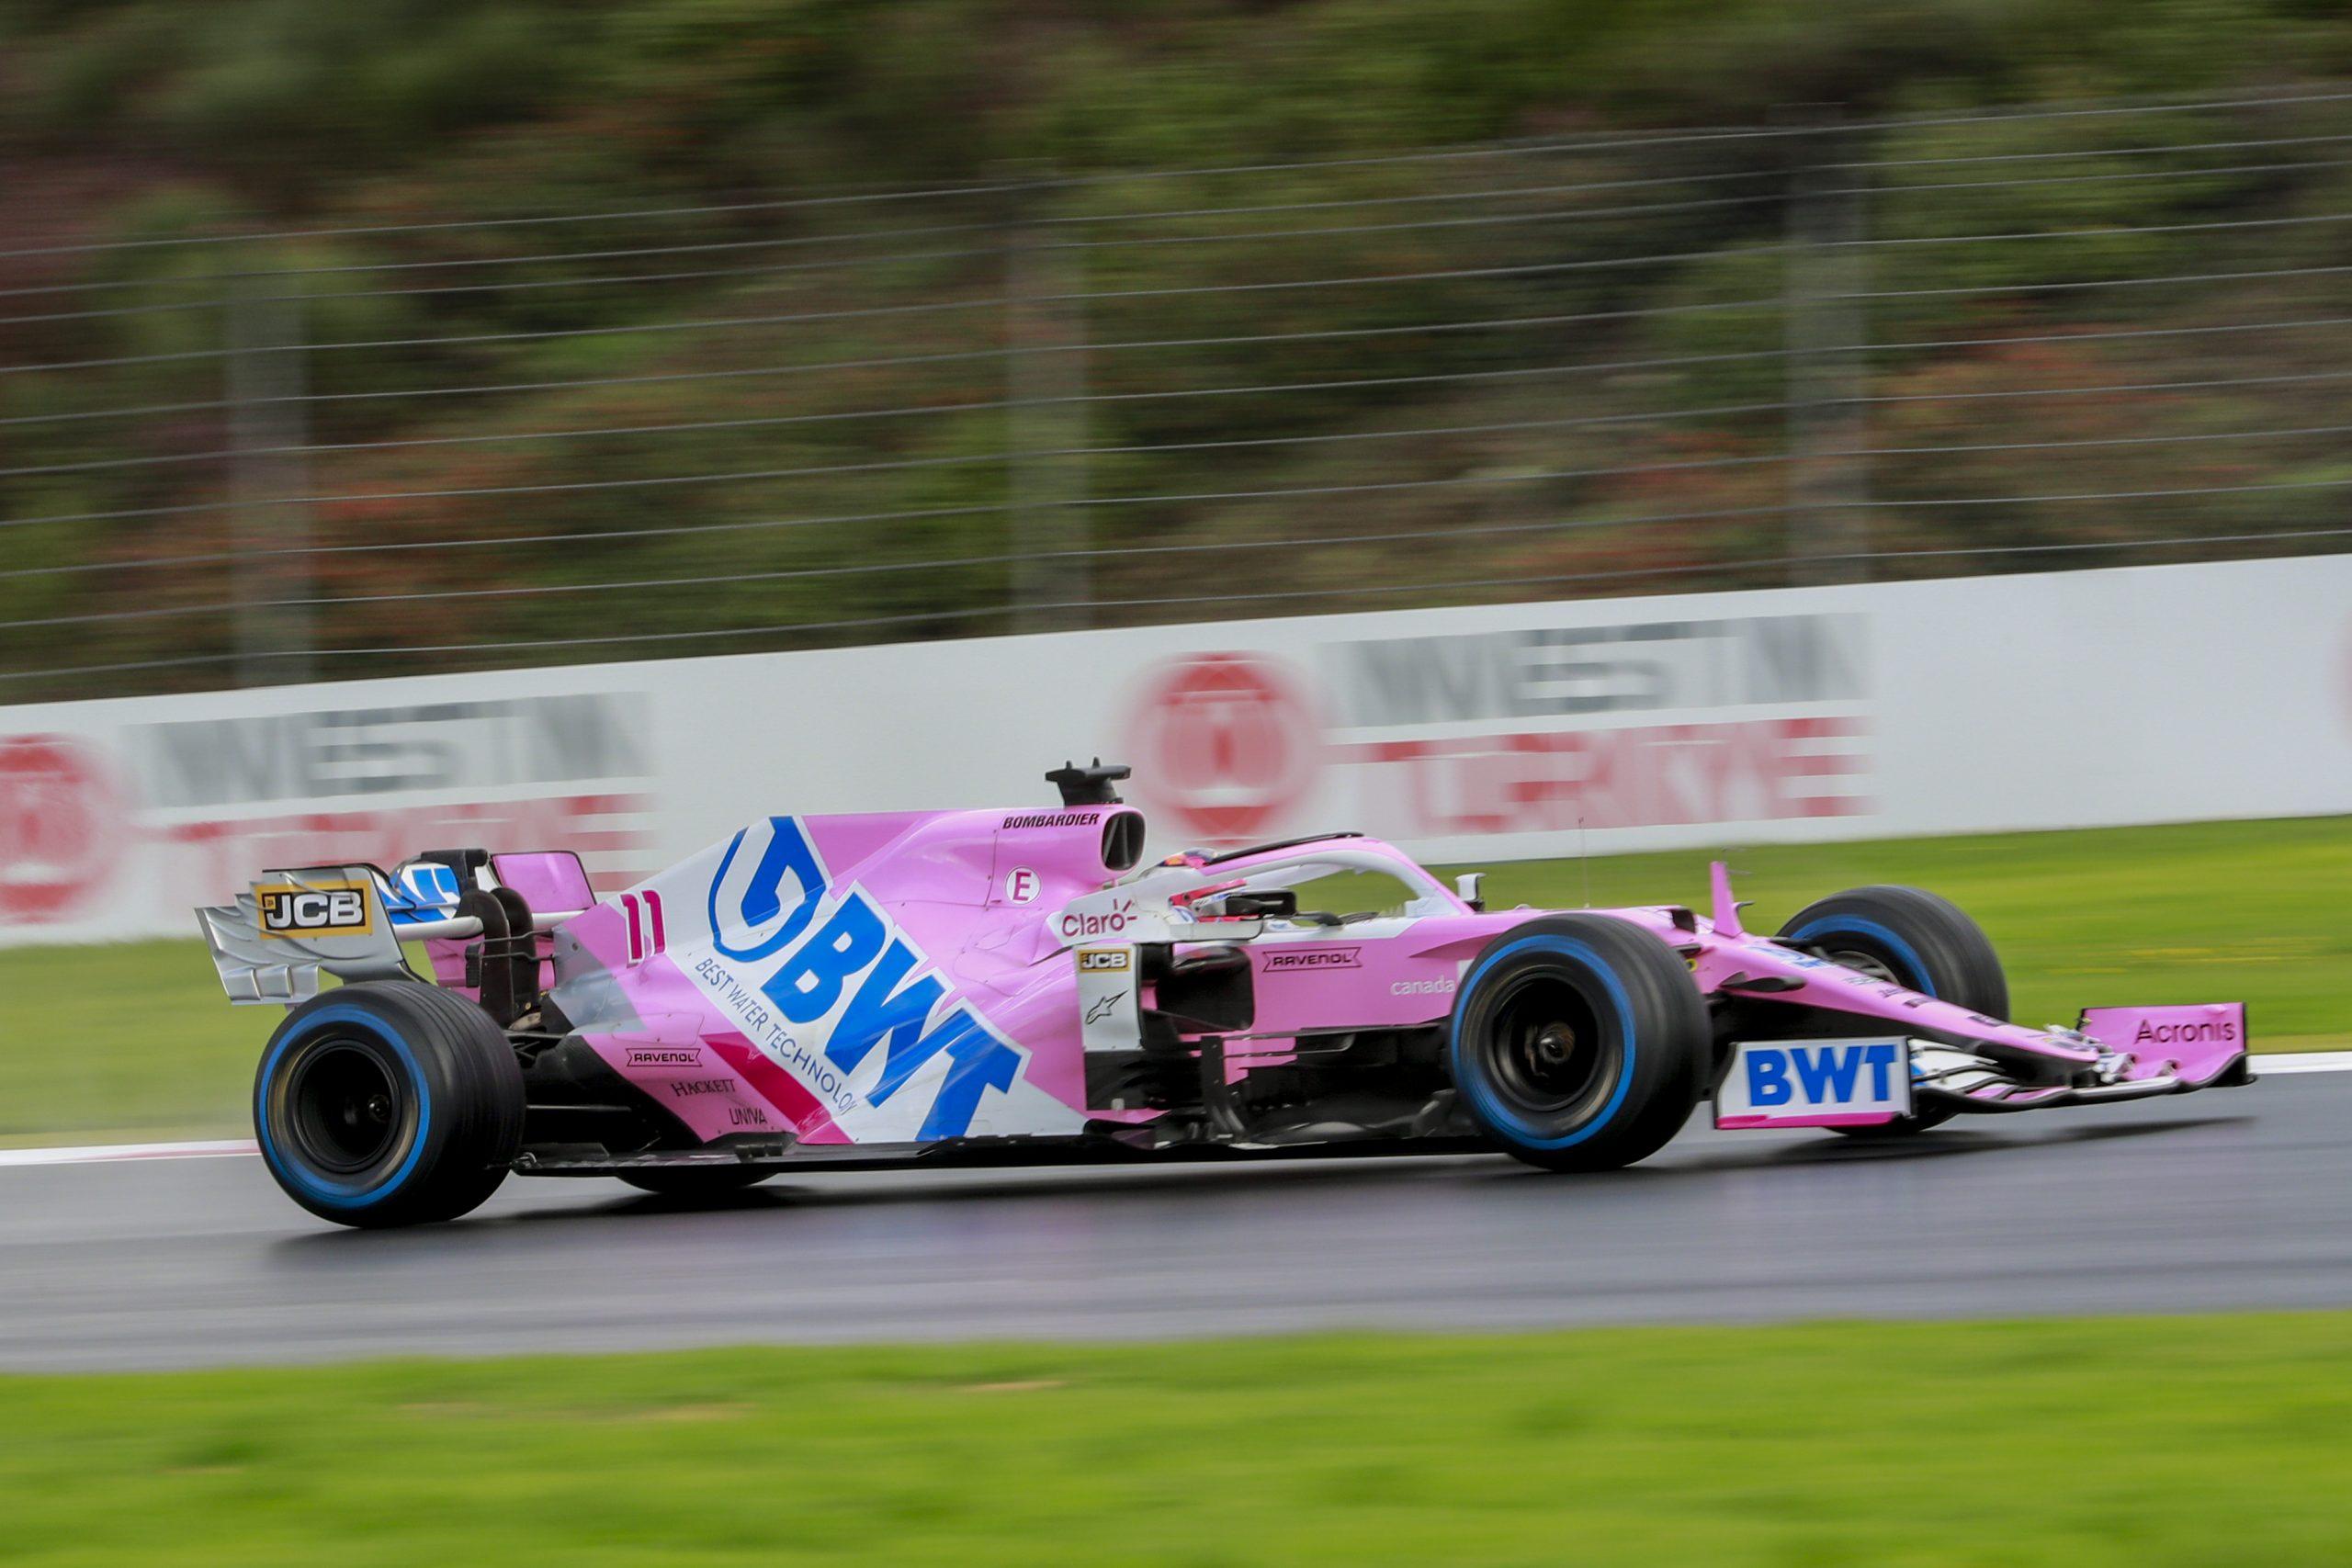 Хэмилтон выиграл турецкий гран-при, став семикратным чемпионом Ф1